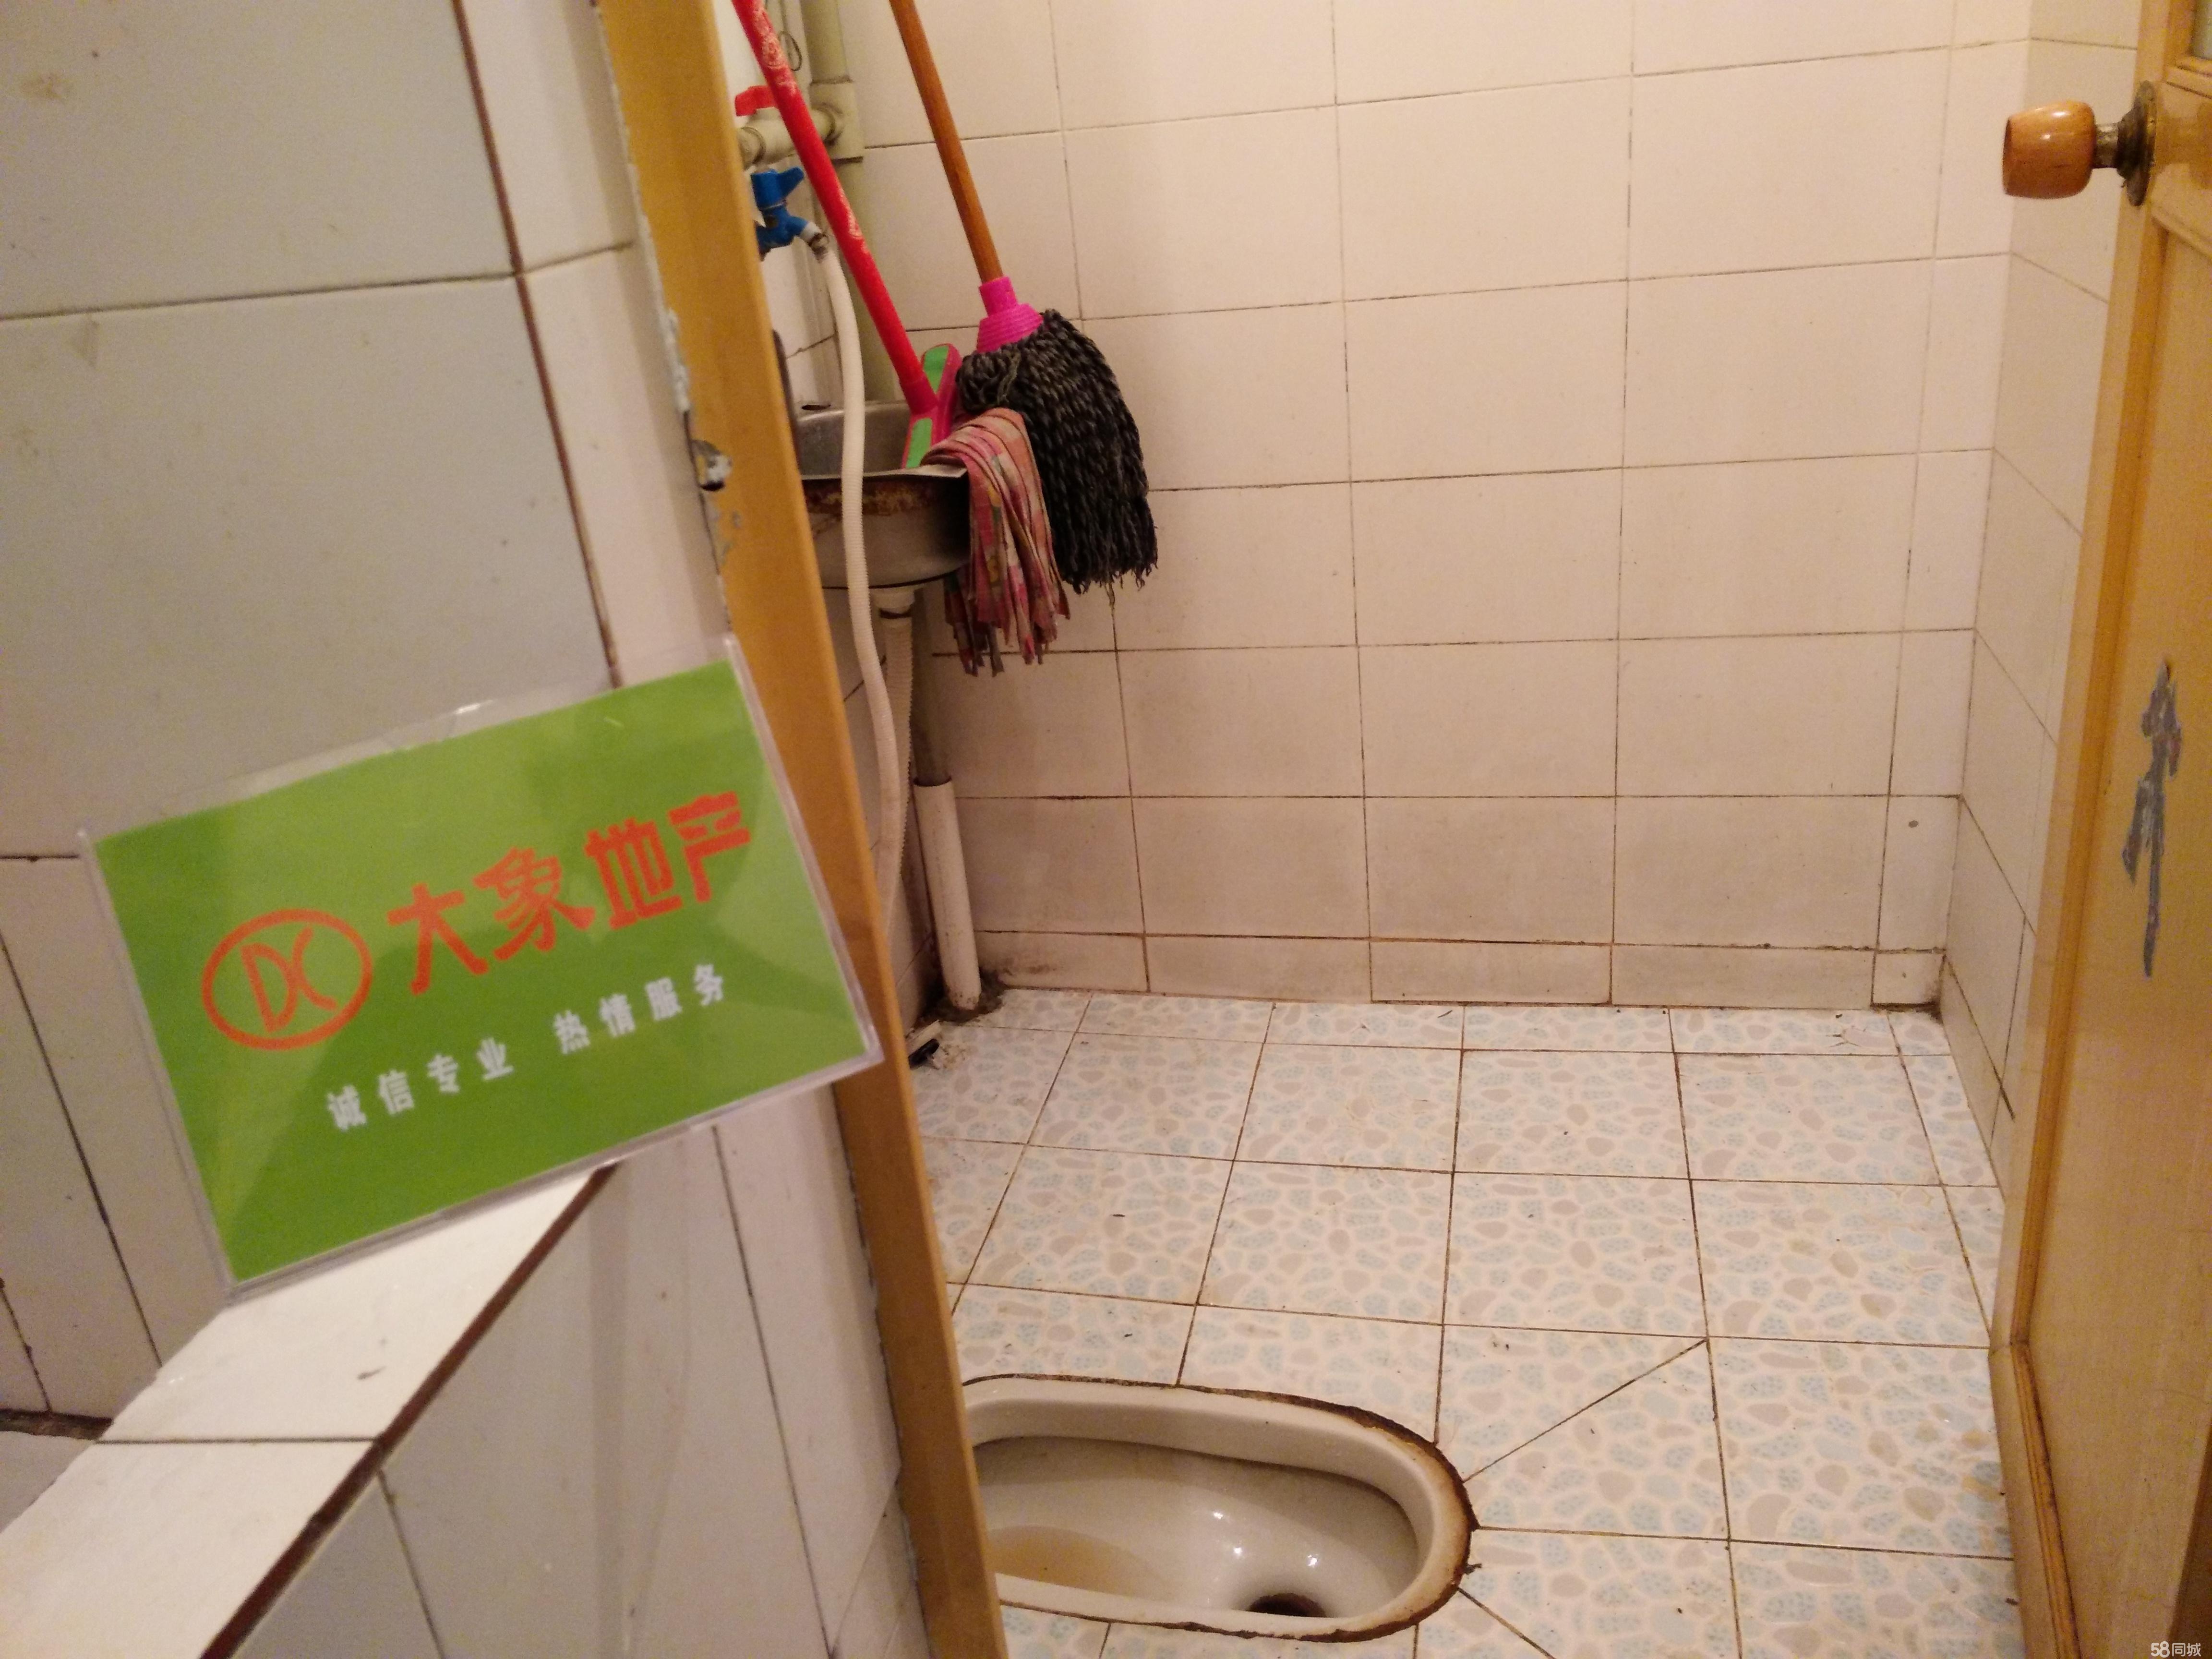 通安巷 一室一厅一卫 干净卫生 采光好 价格便宜